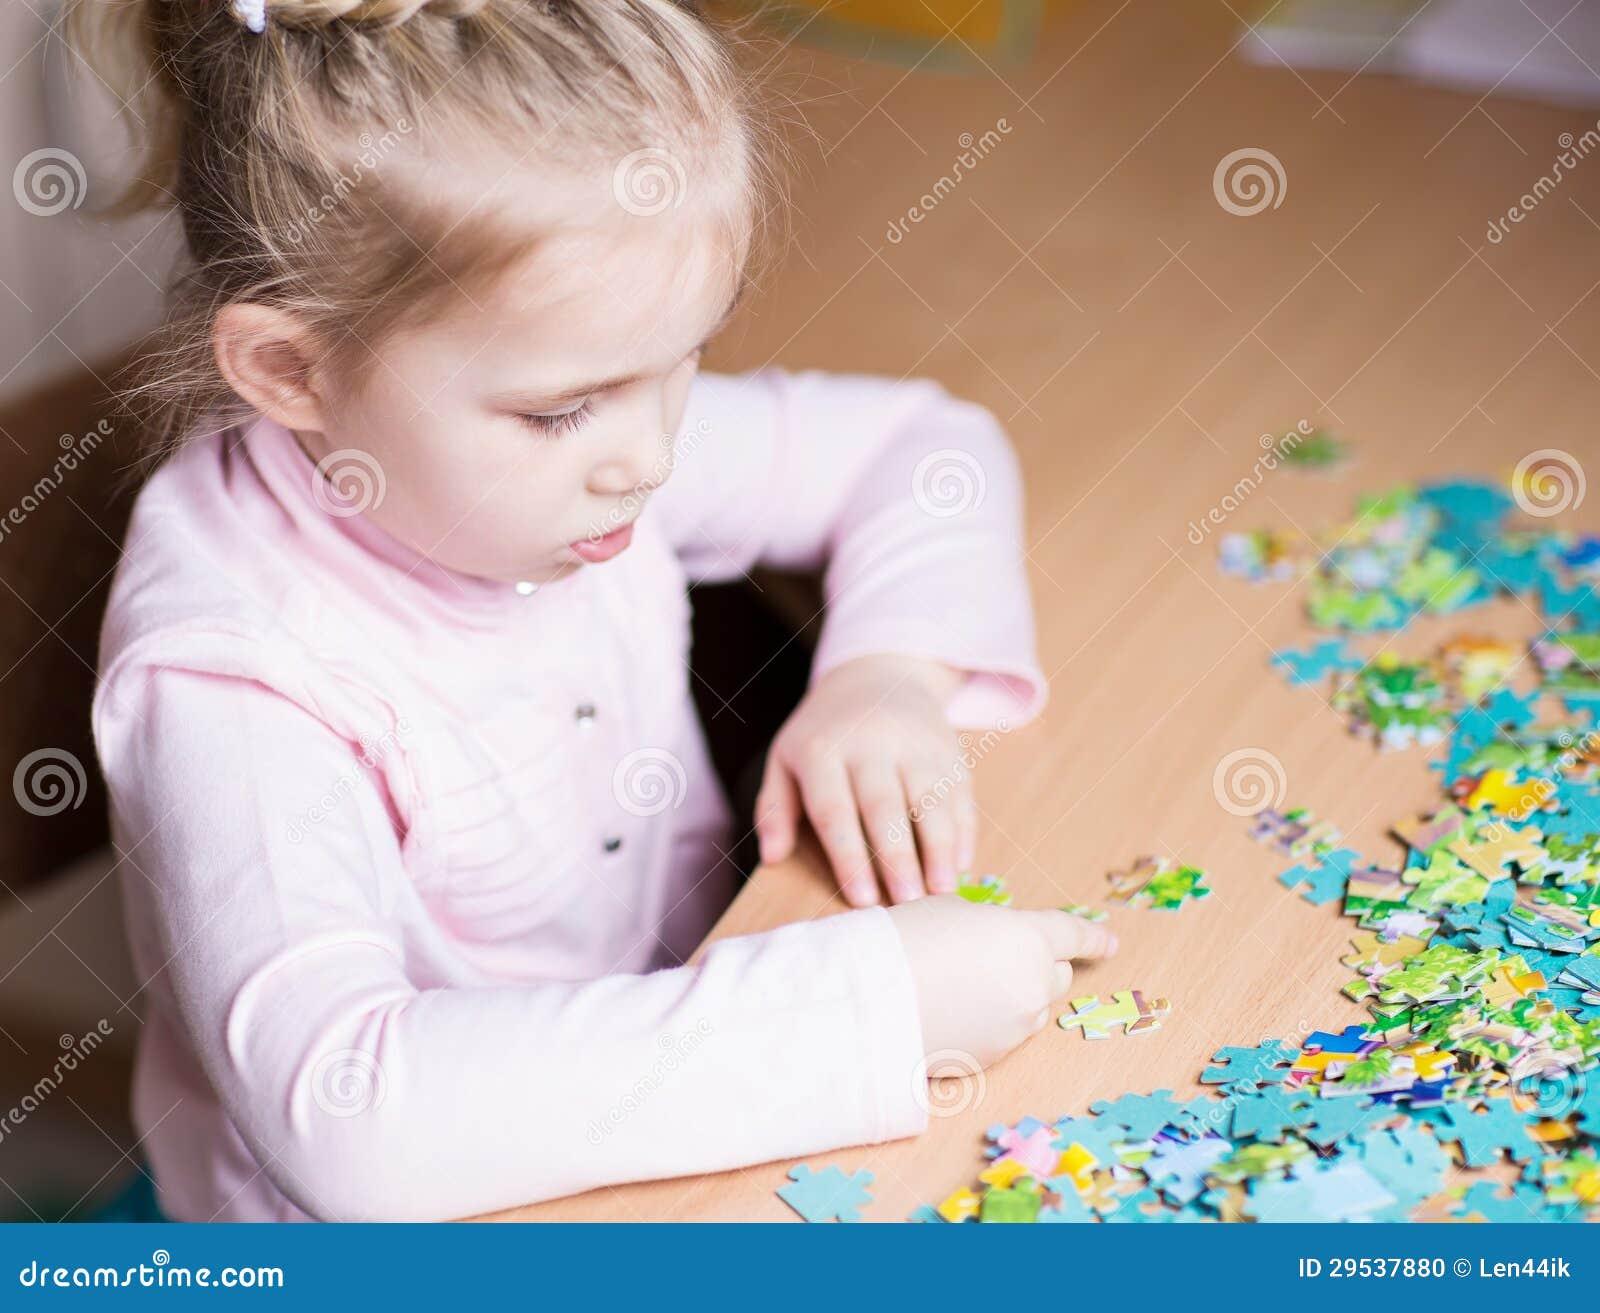 Menina bonito que resolve enigmas